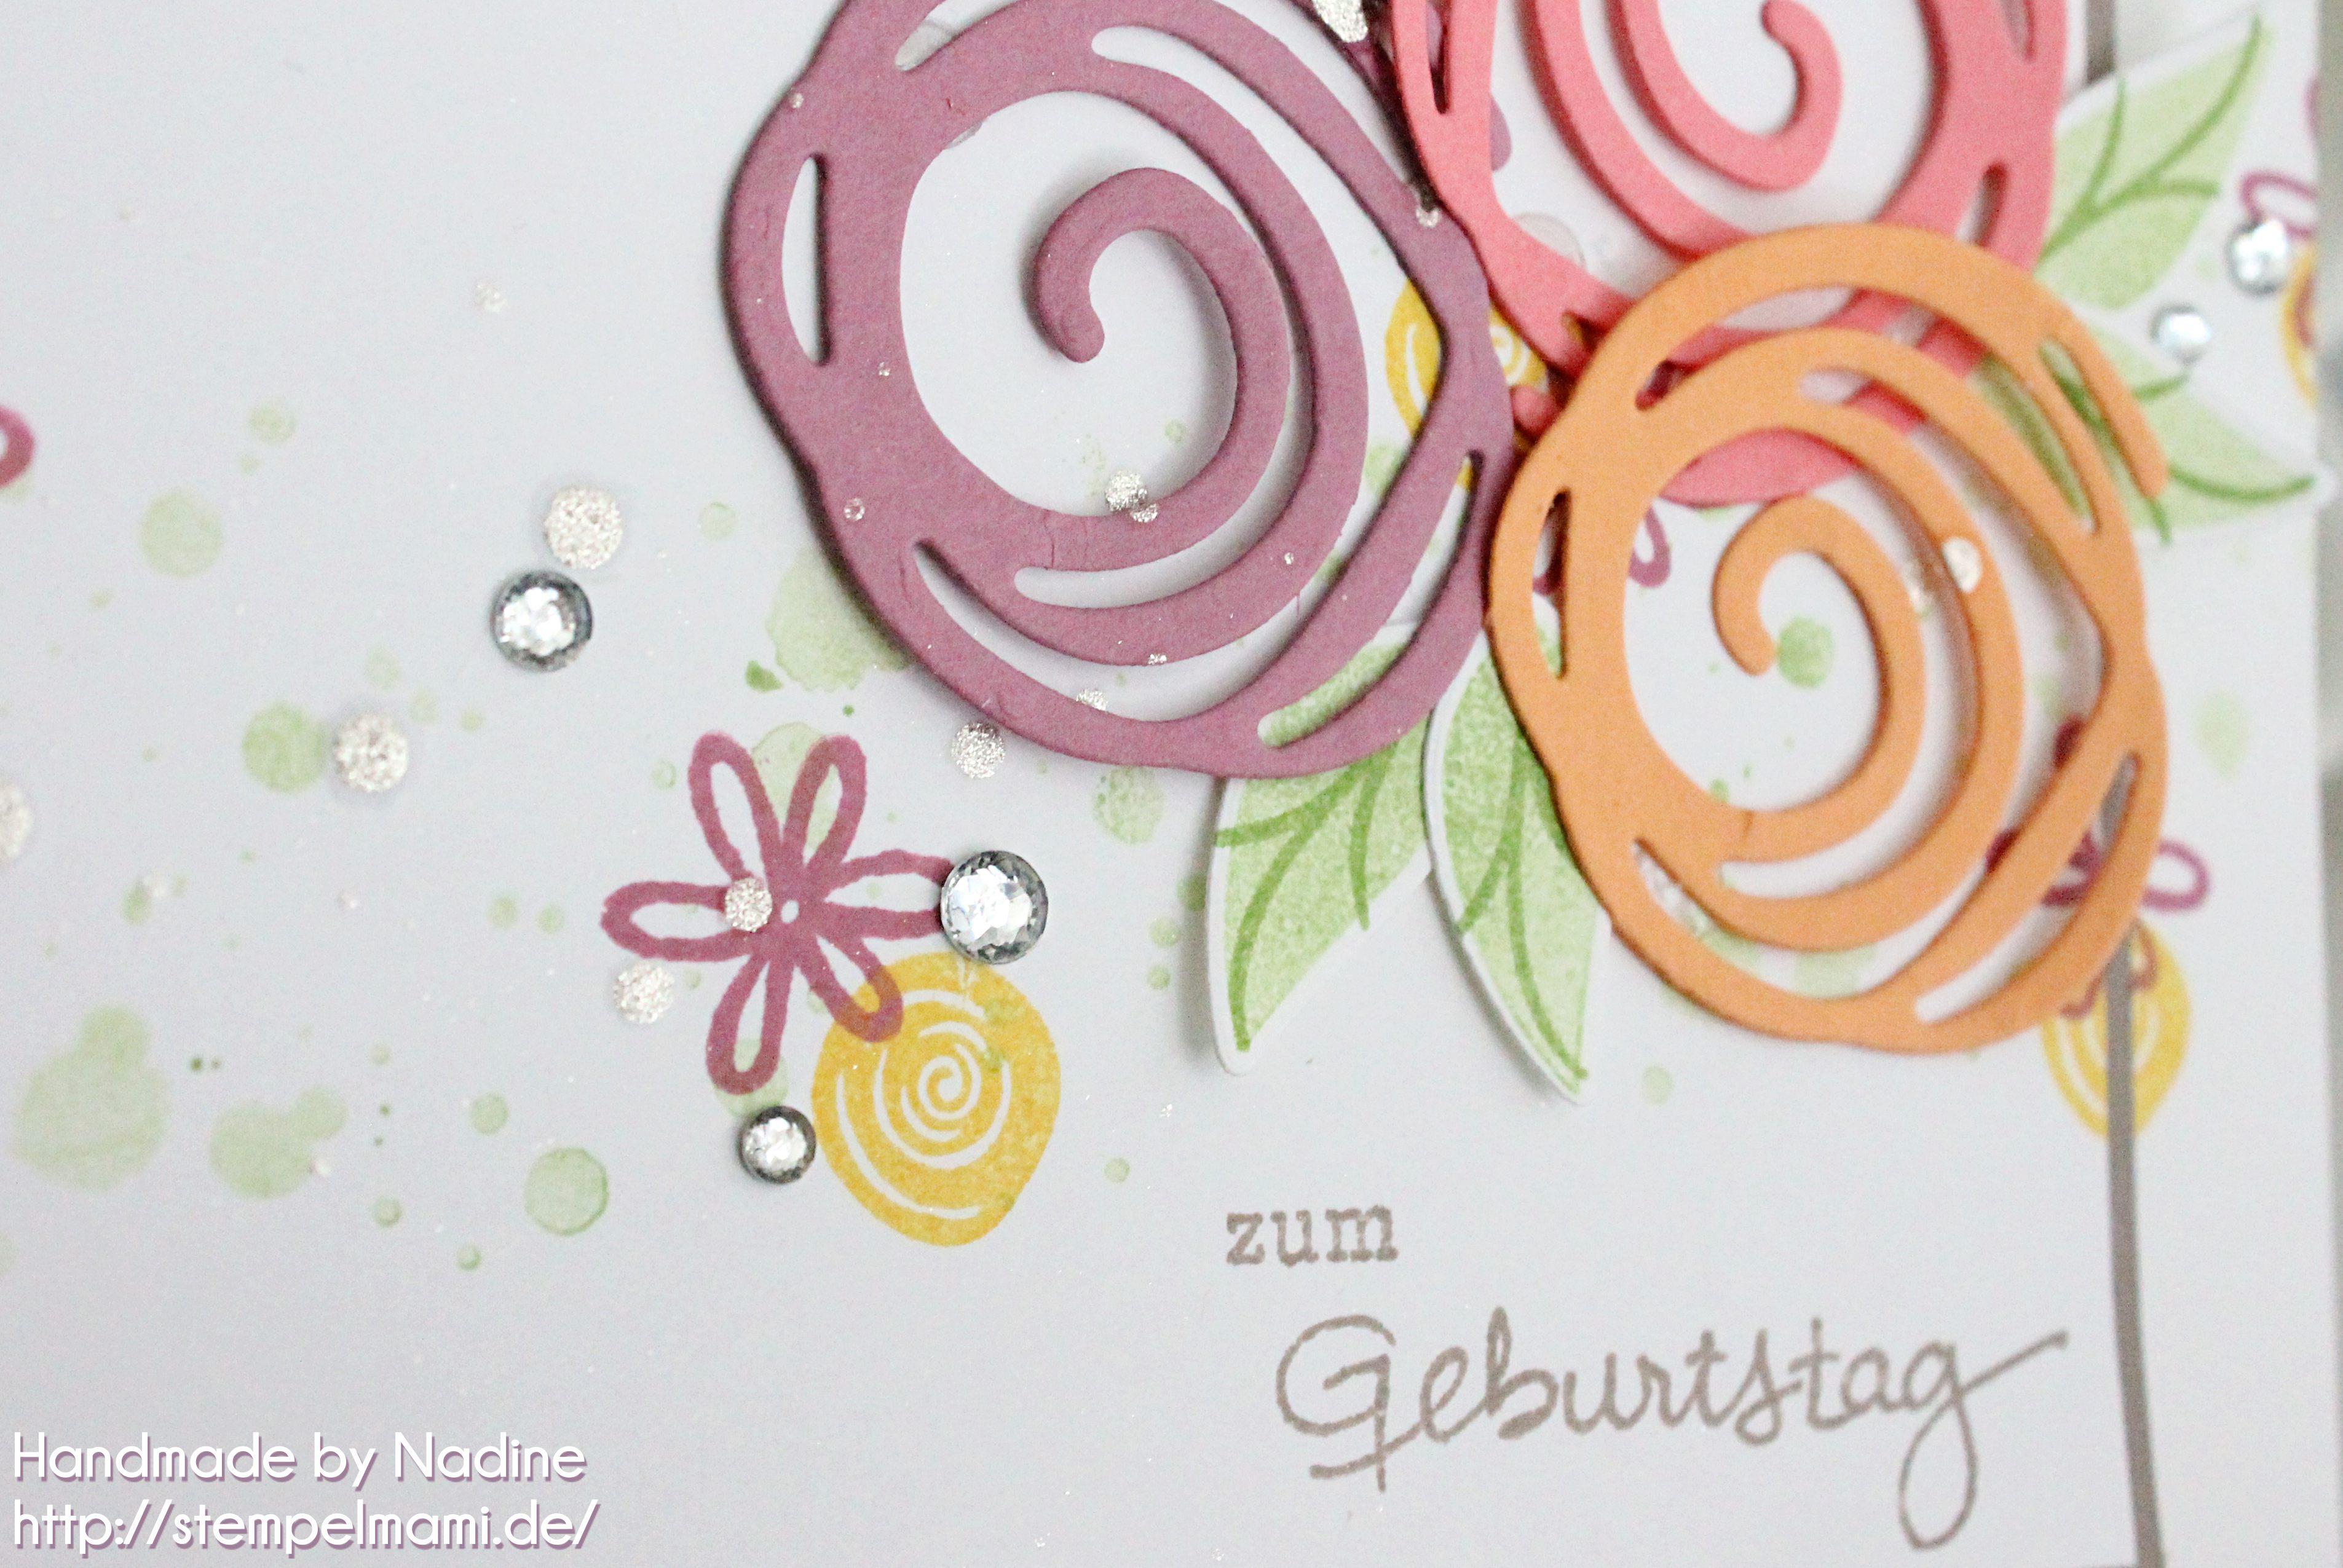 stampin up geburtstagskarte stempelmami birthday card swirly bird geburtstagspuzzle 2